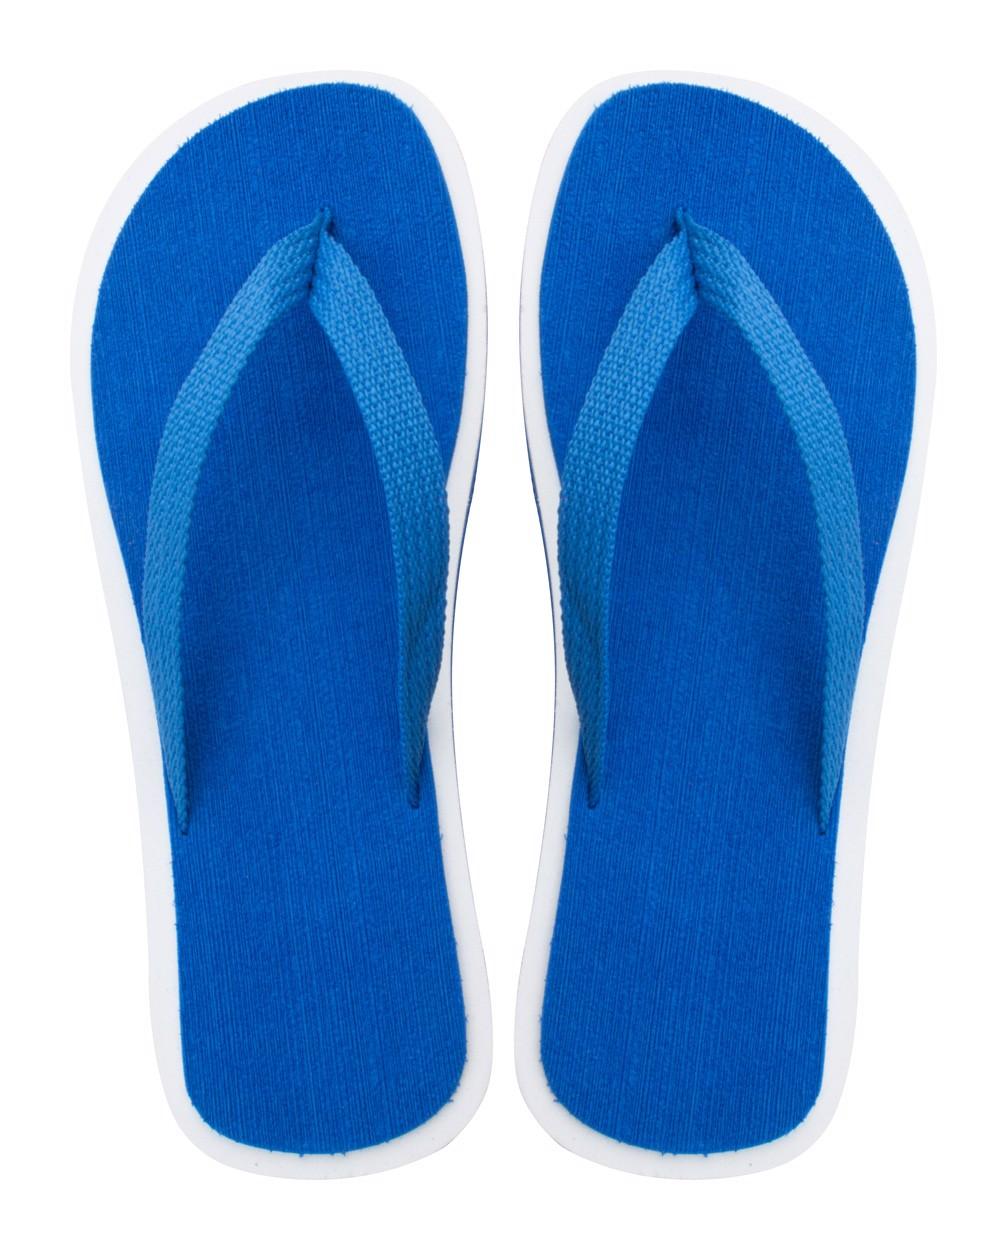 Plážové Žabky Cayman - Modrá / Bílá / N